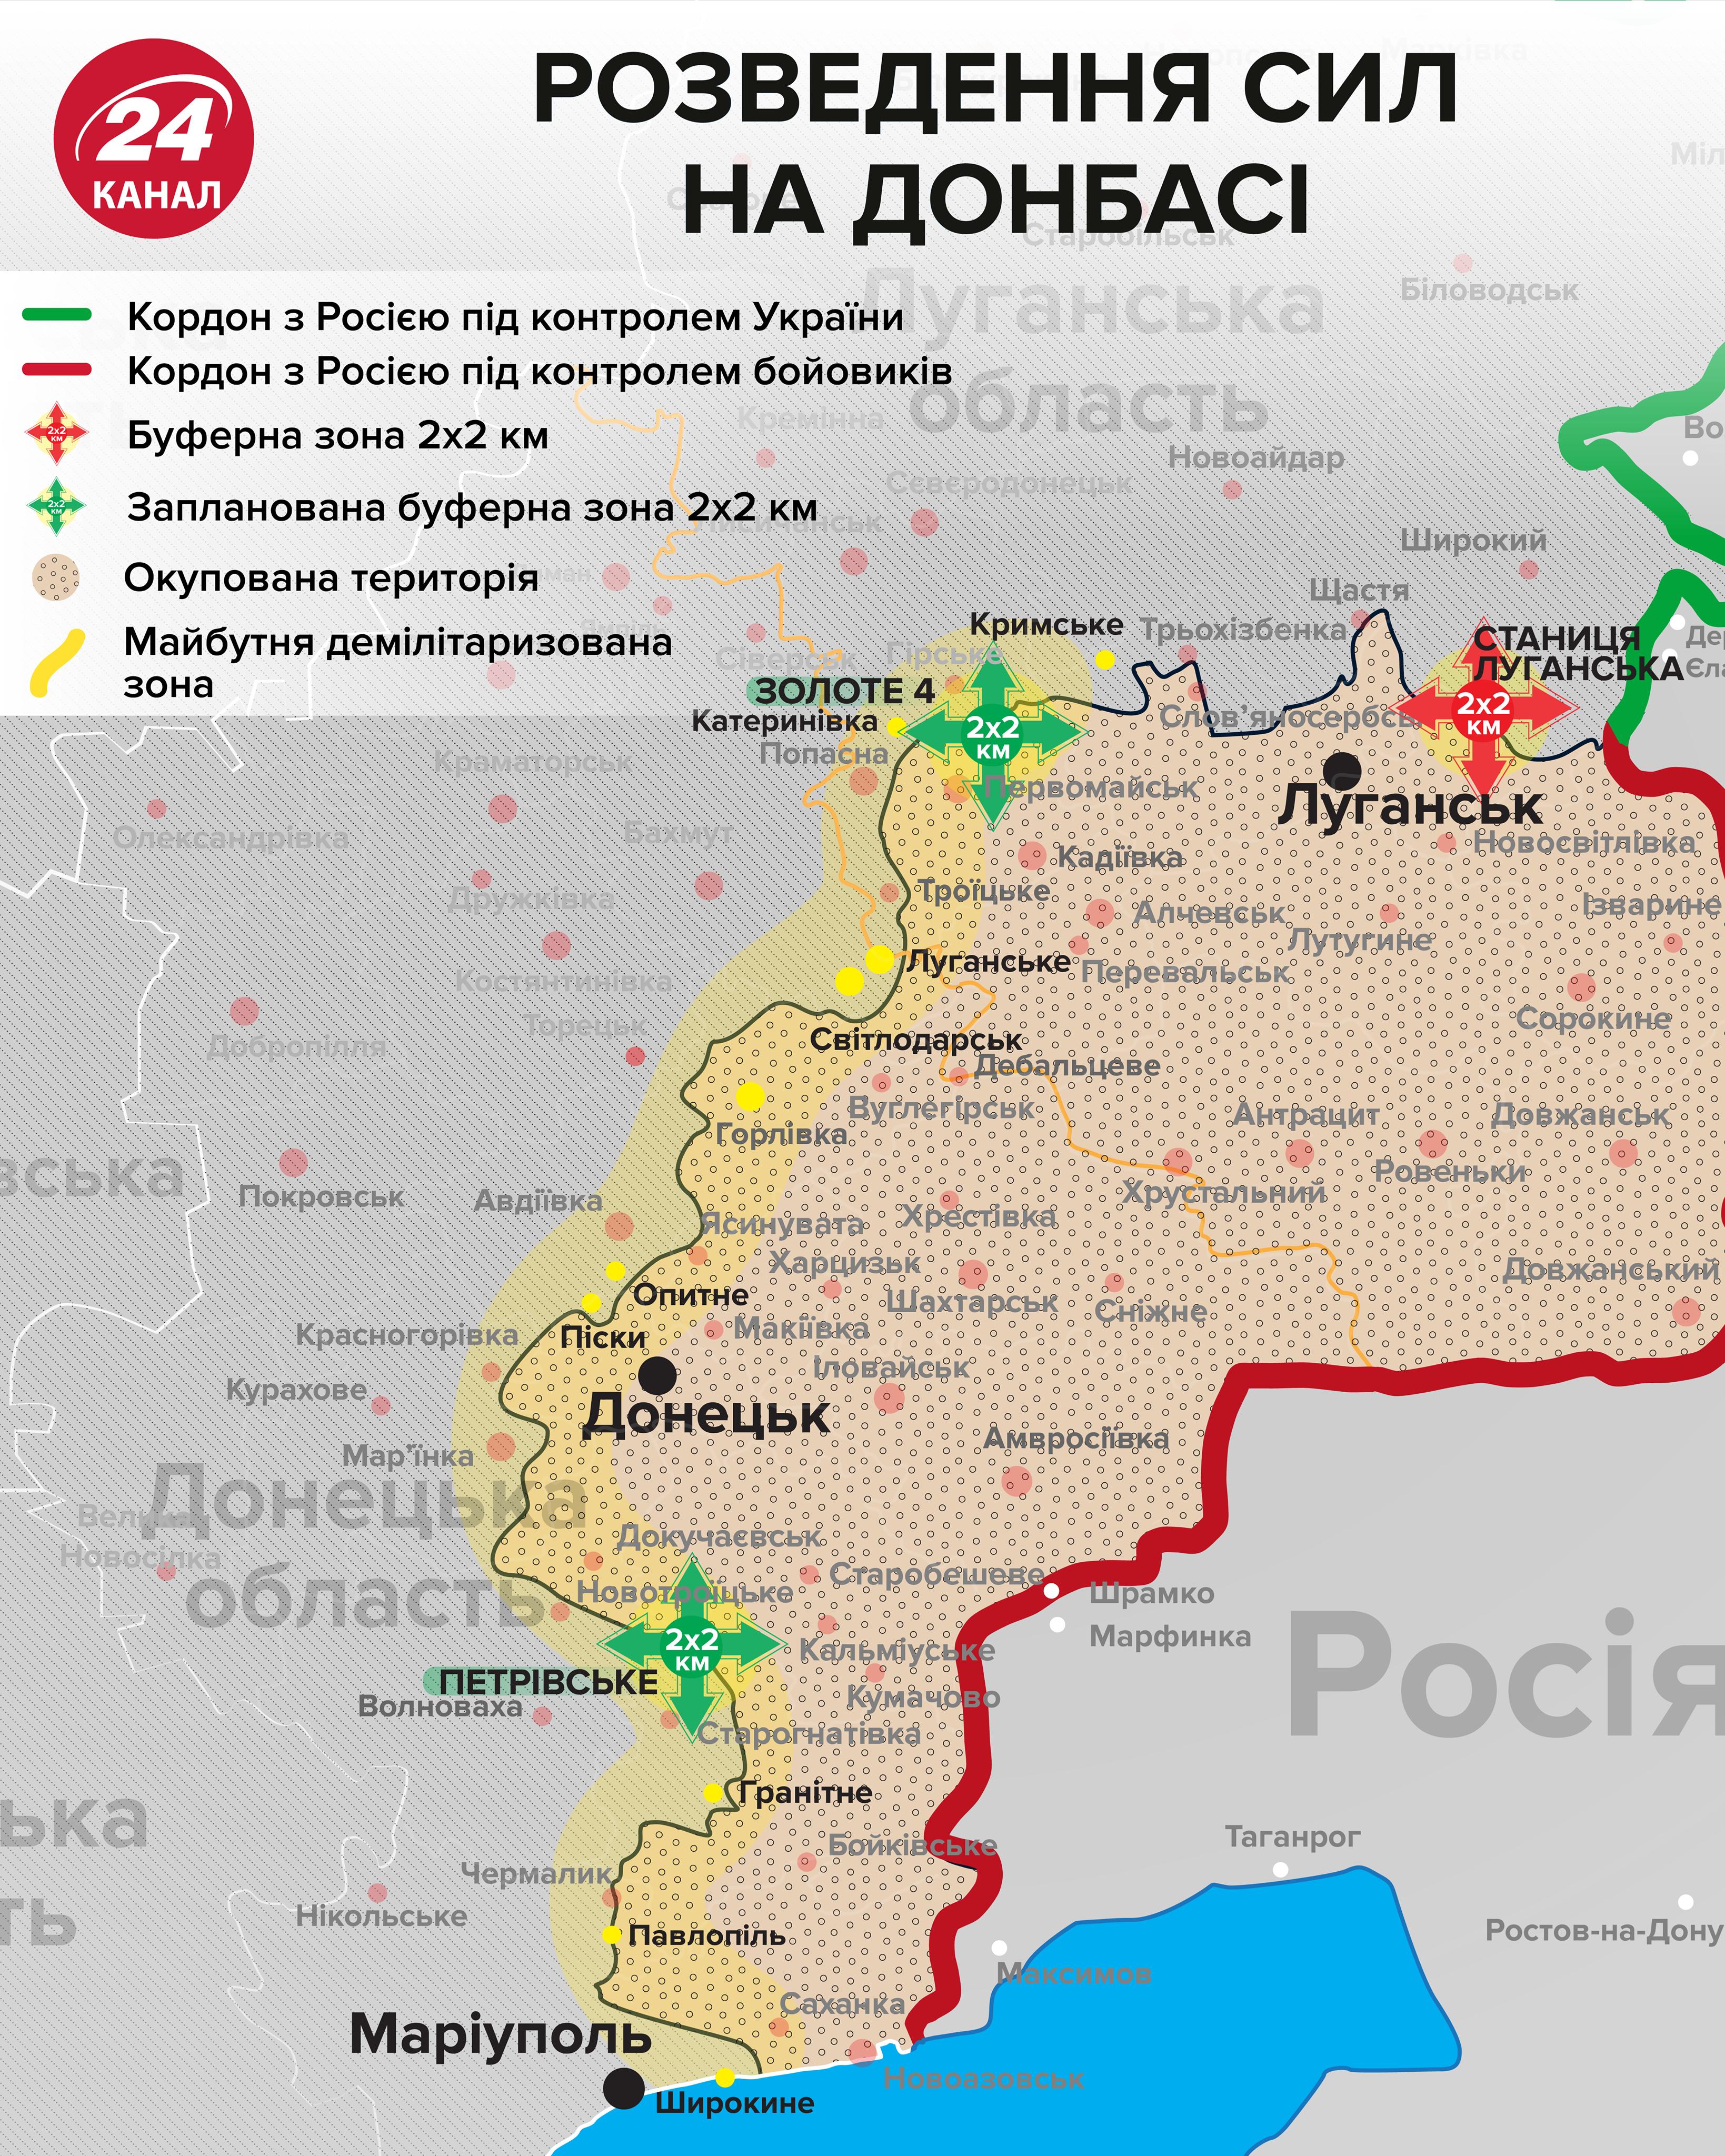 карта розведення сил на Донбасі